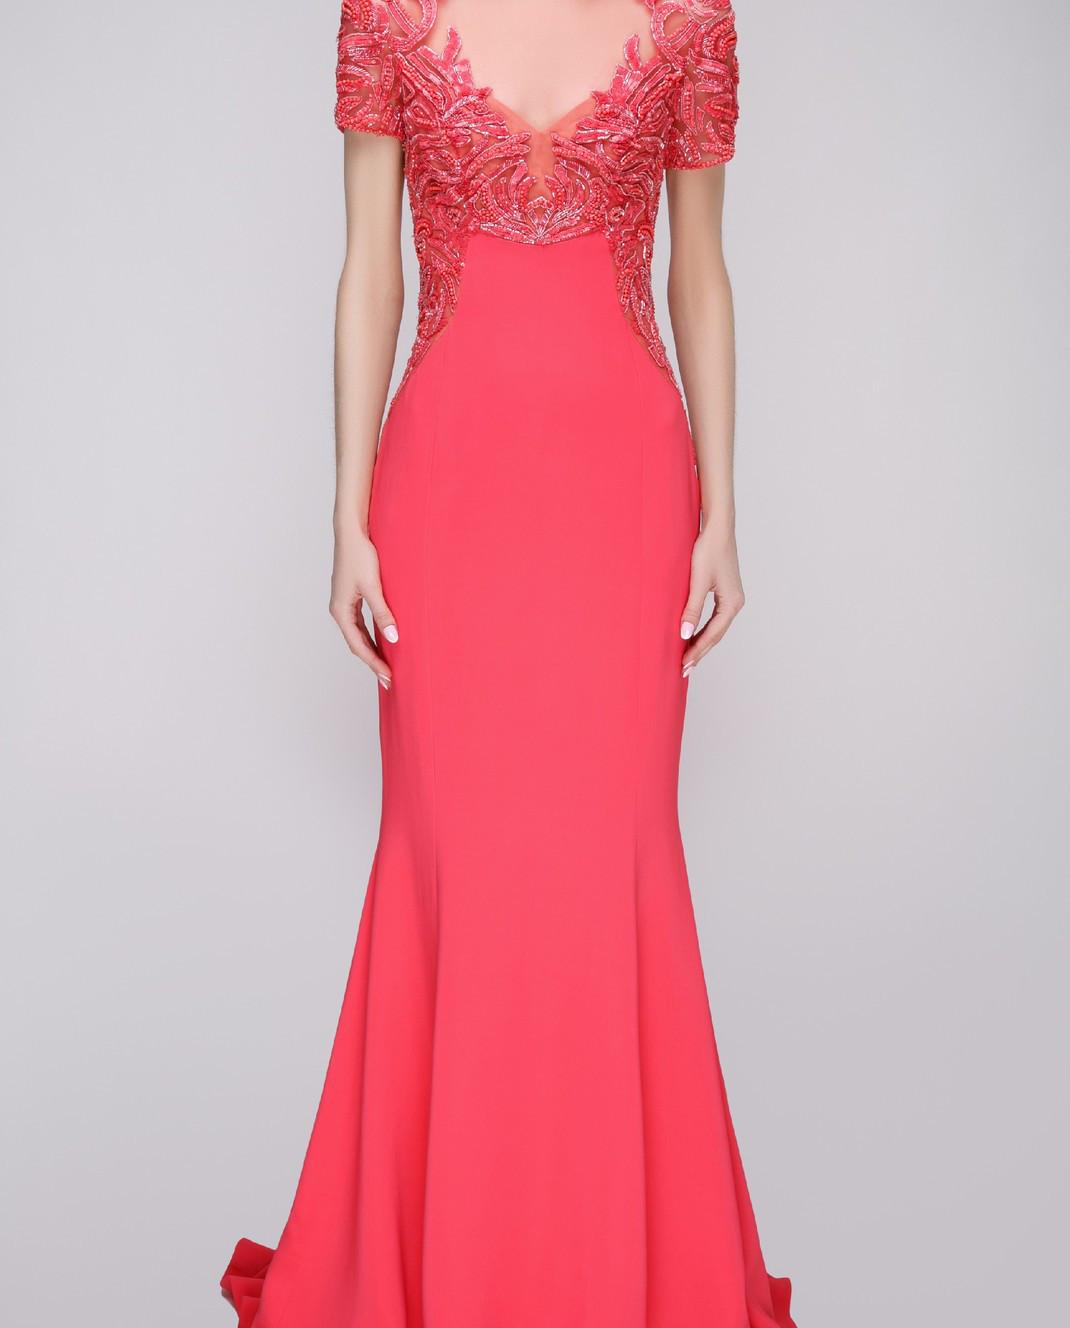 Zuhair Murad Розовое платье RDPF15029DL99 изображение 3